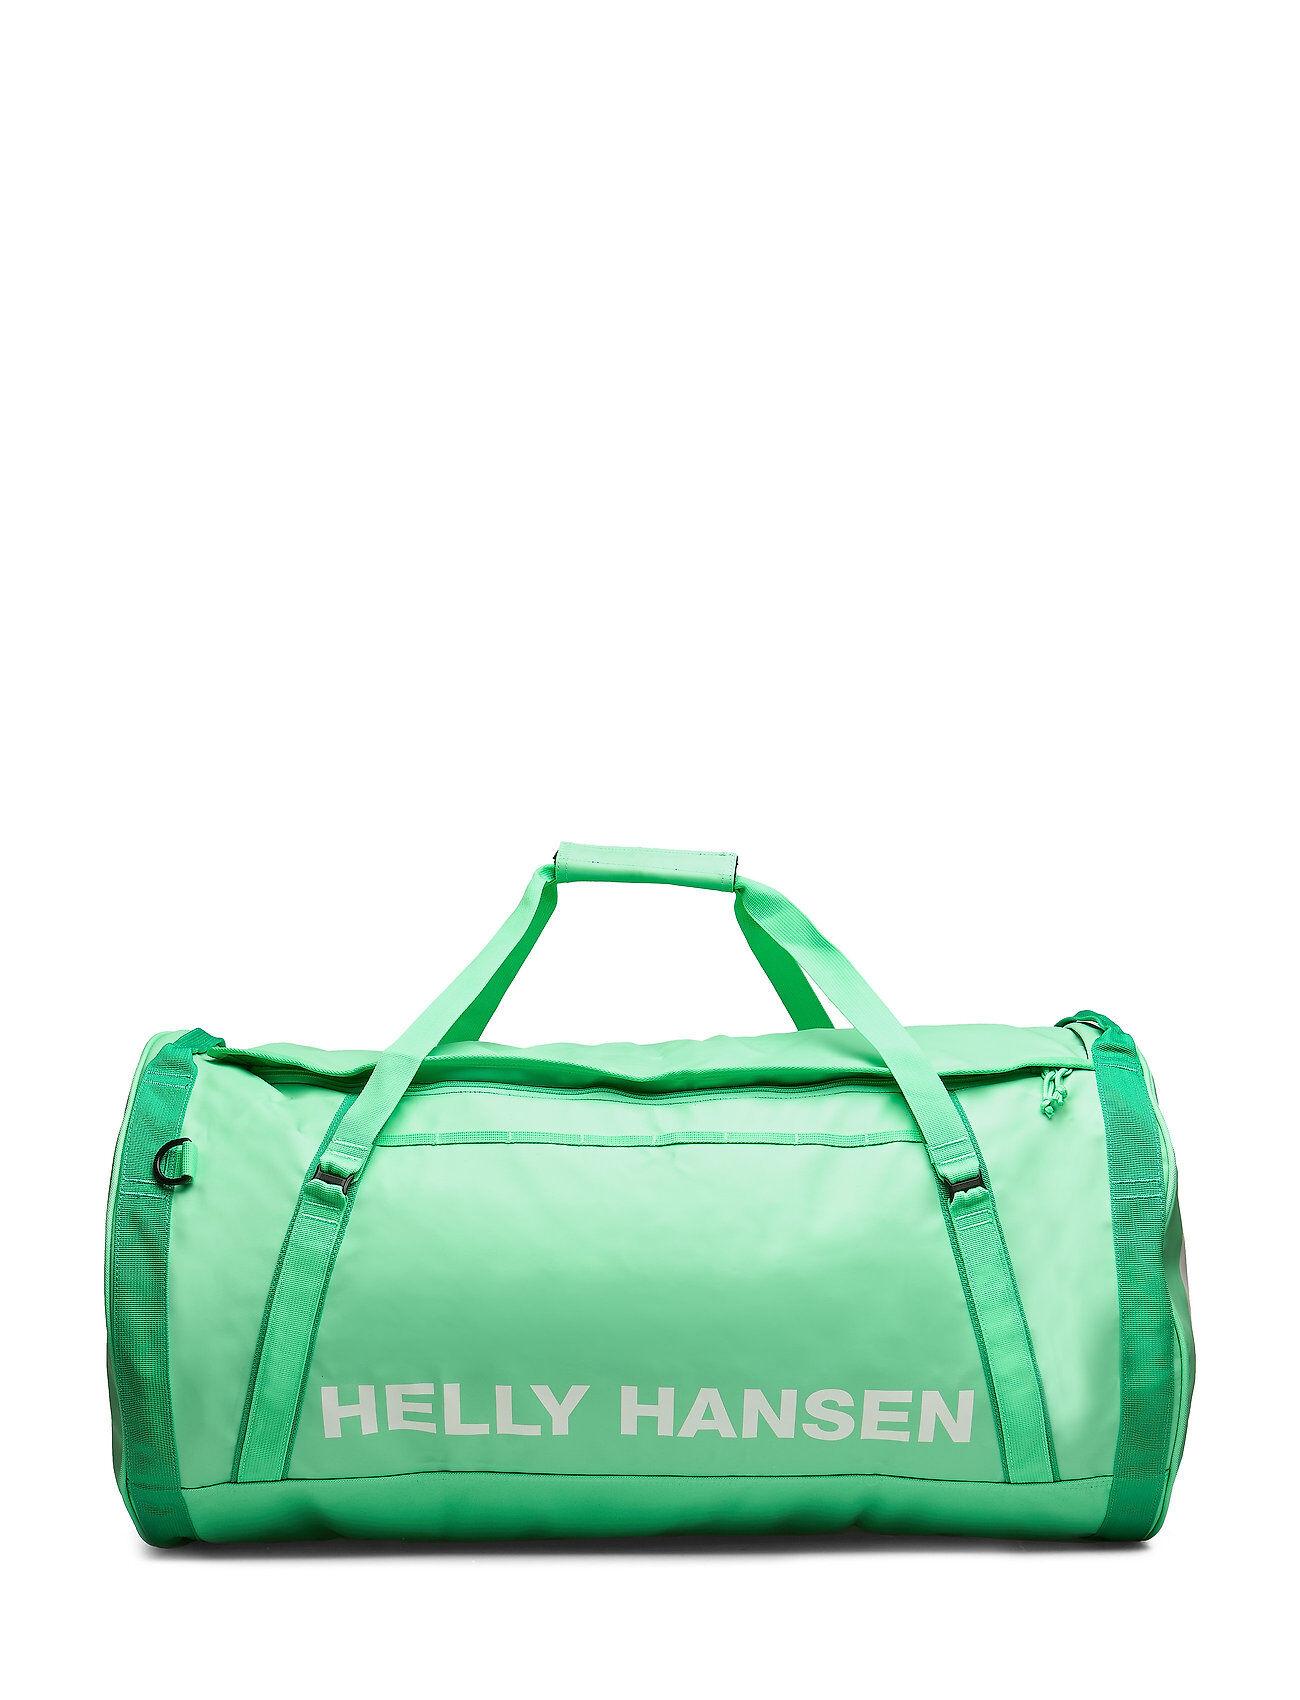 Image of Helly Hansen Hh Duffel Bag 2 90l Bags Weekend & Gym Bags Vihreä